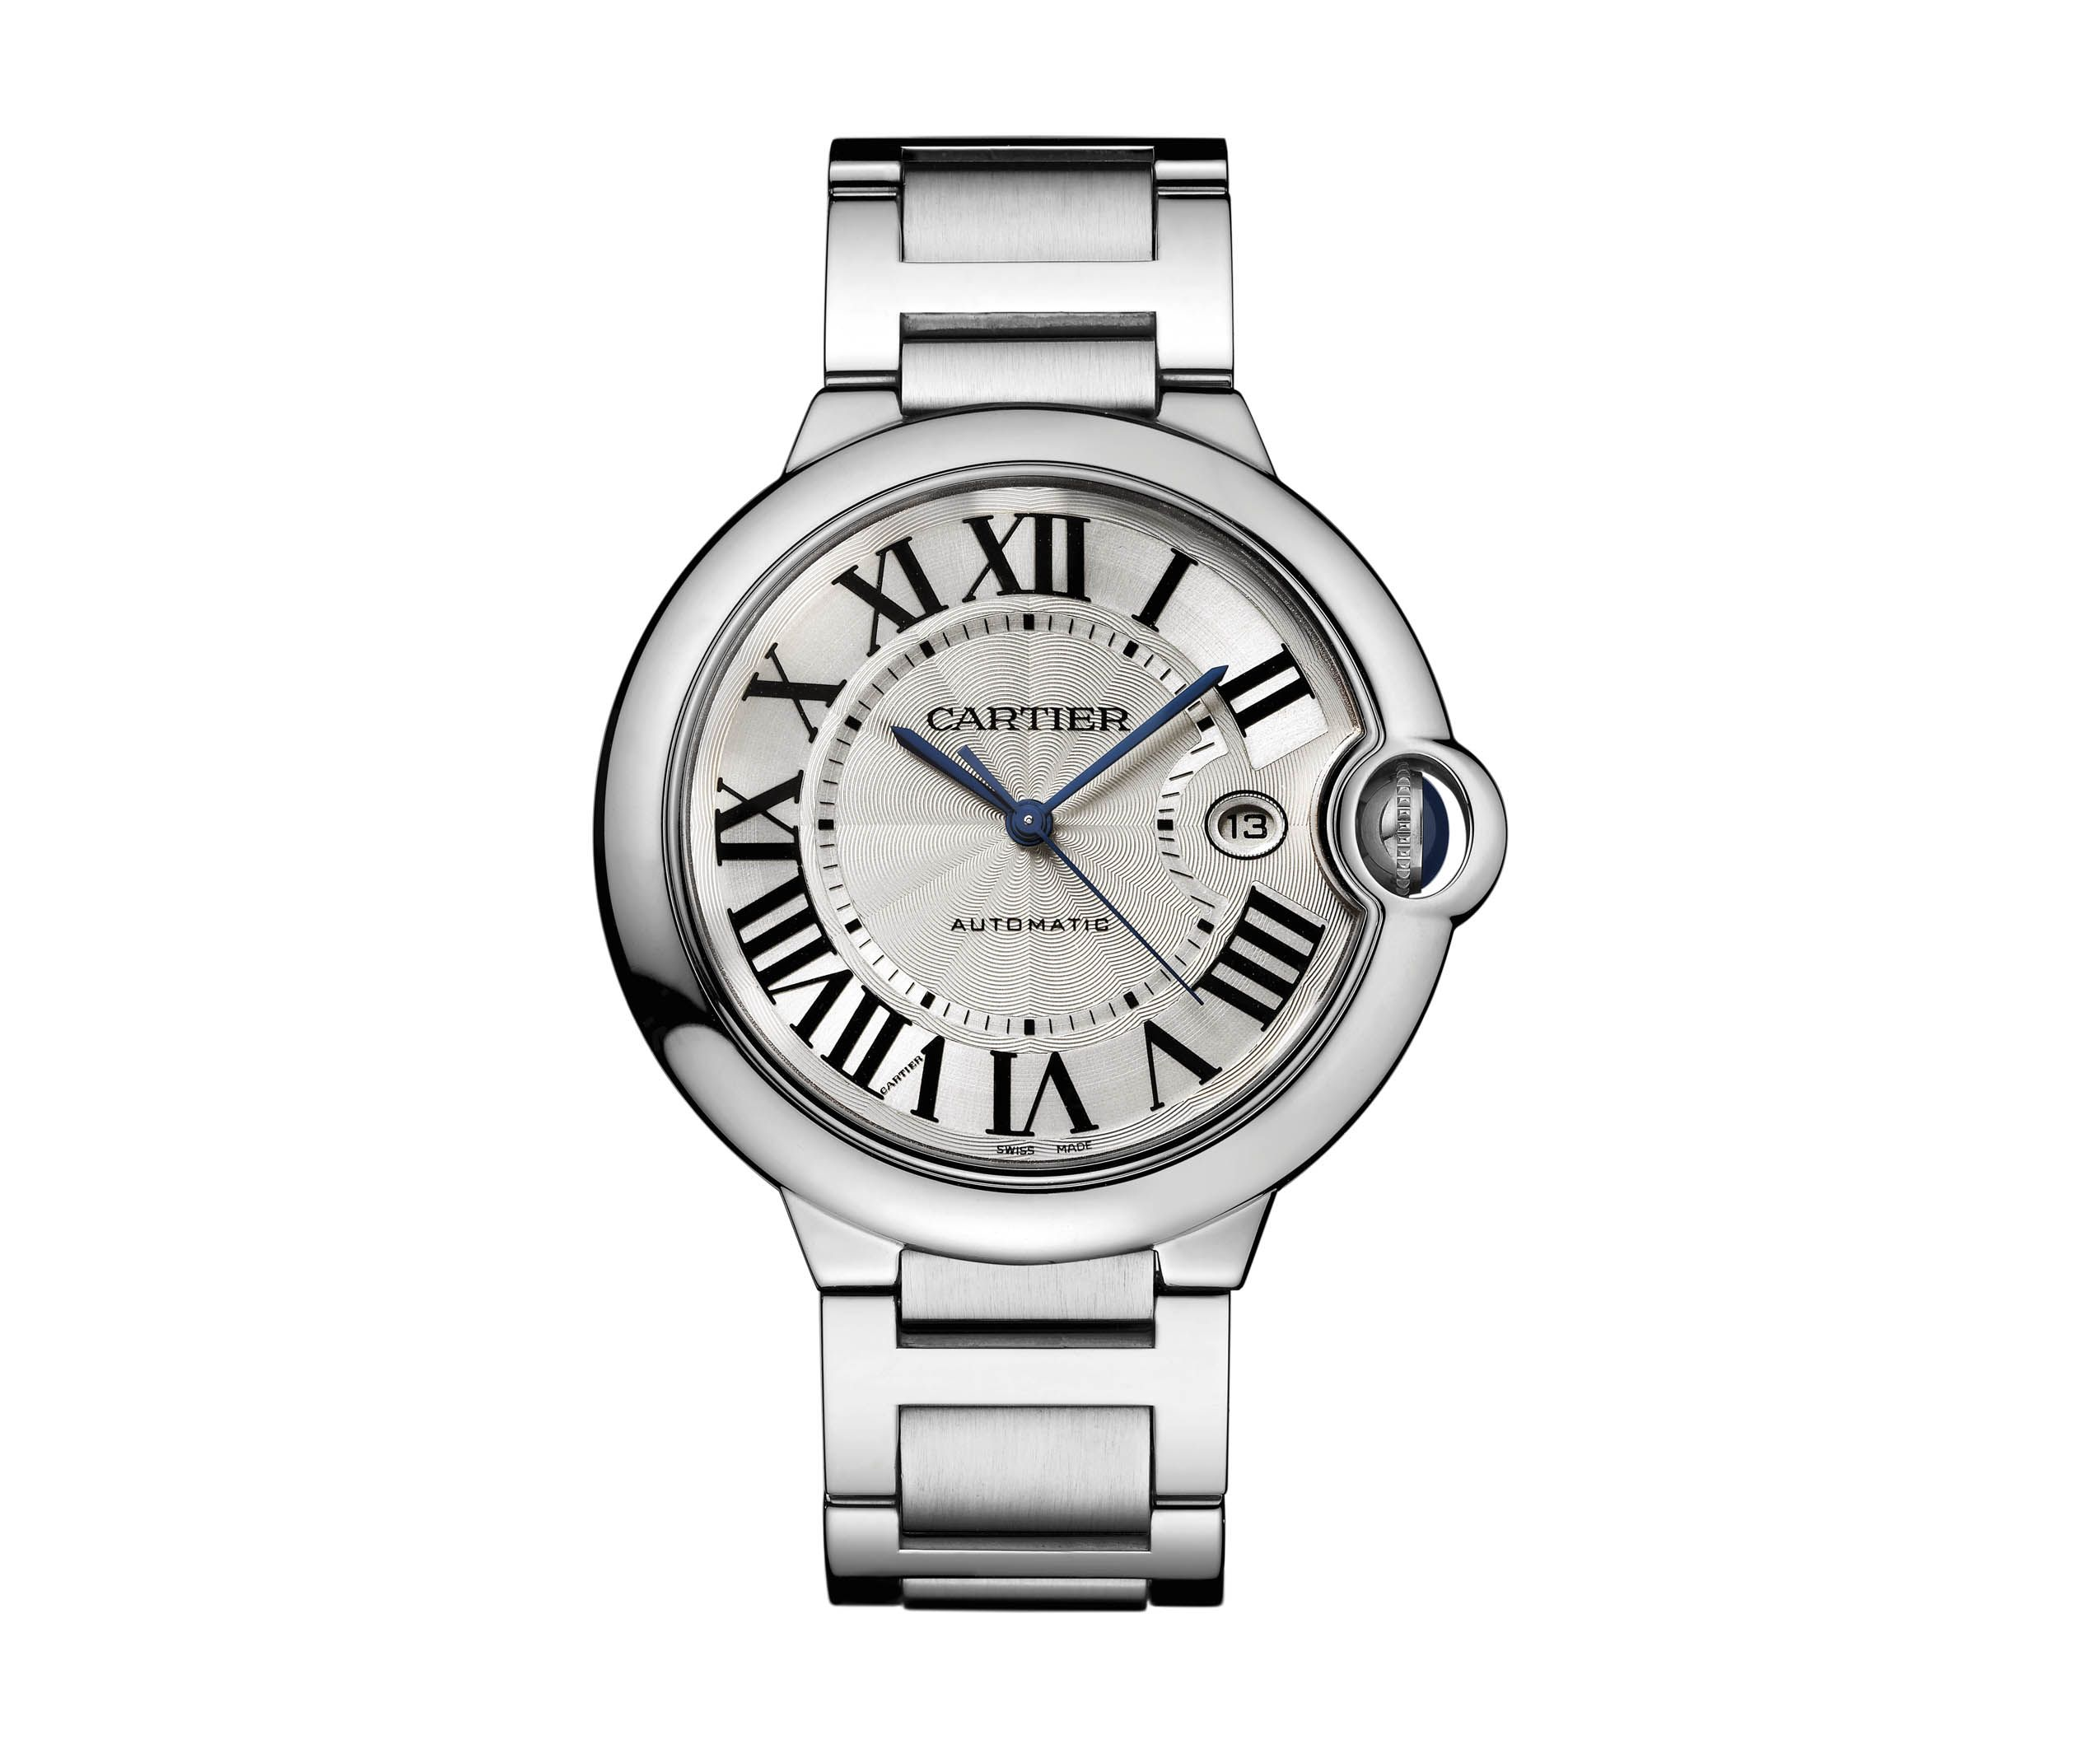 Ballon Bleu De Cartier Watch 42 Mm Automatic Steel Leather